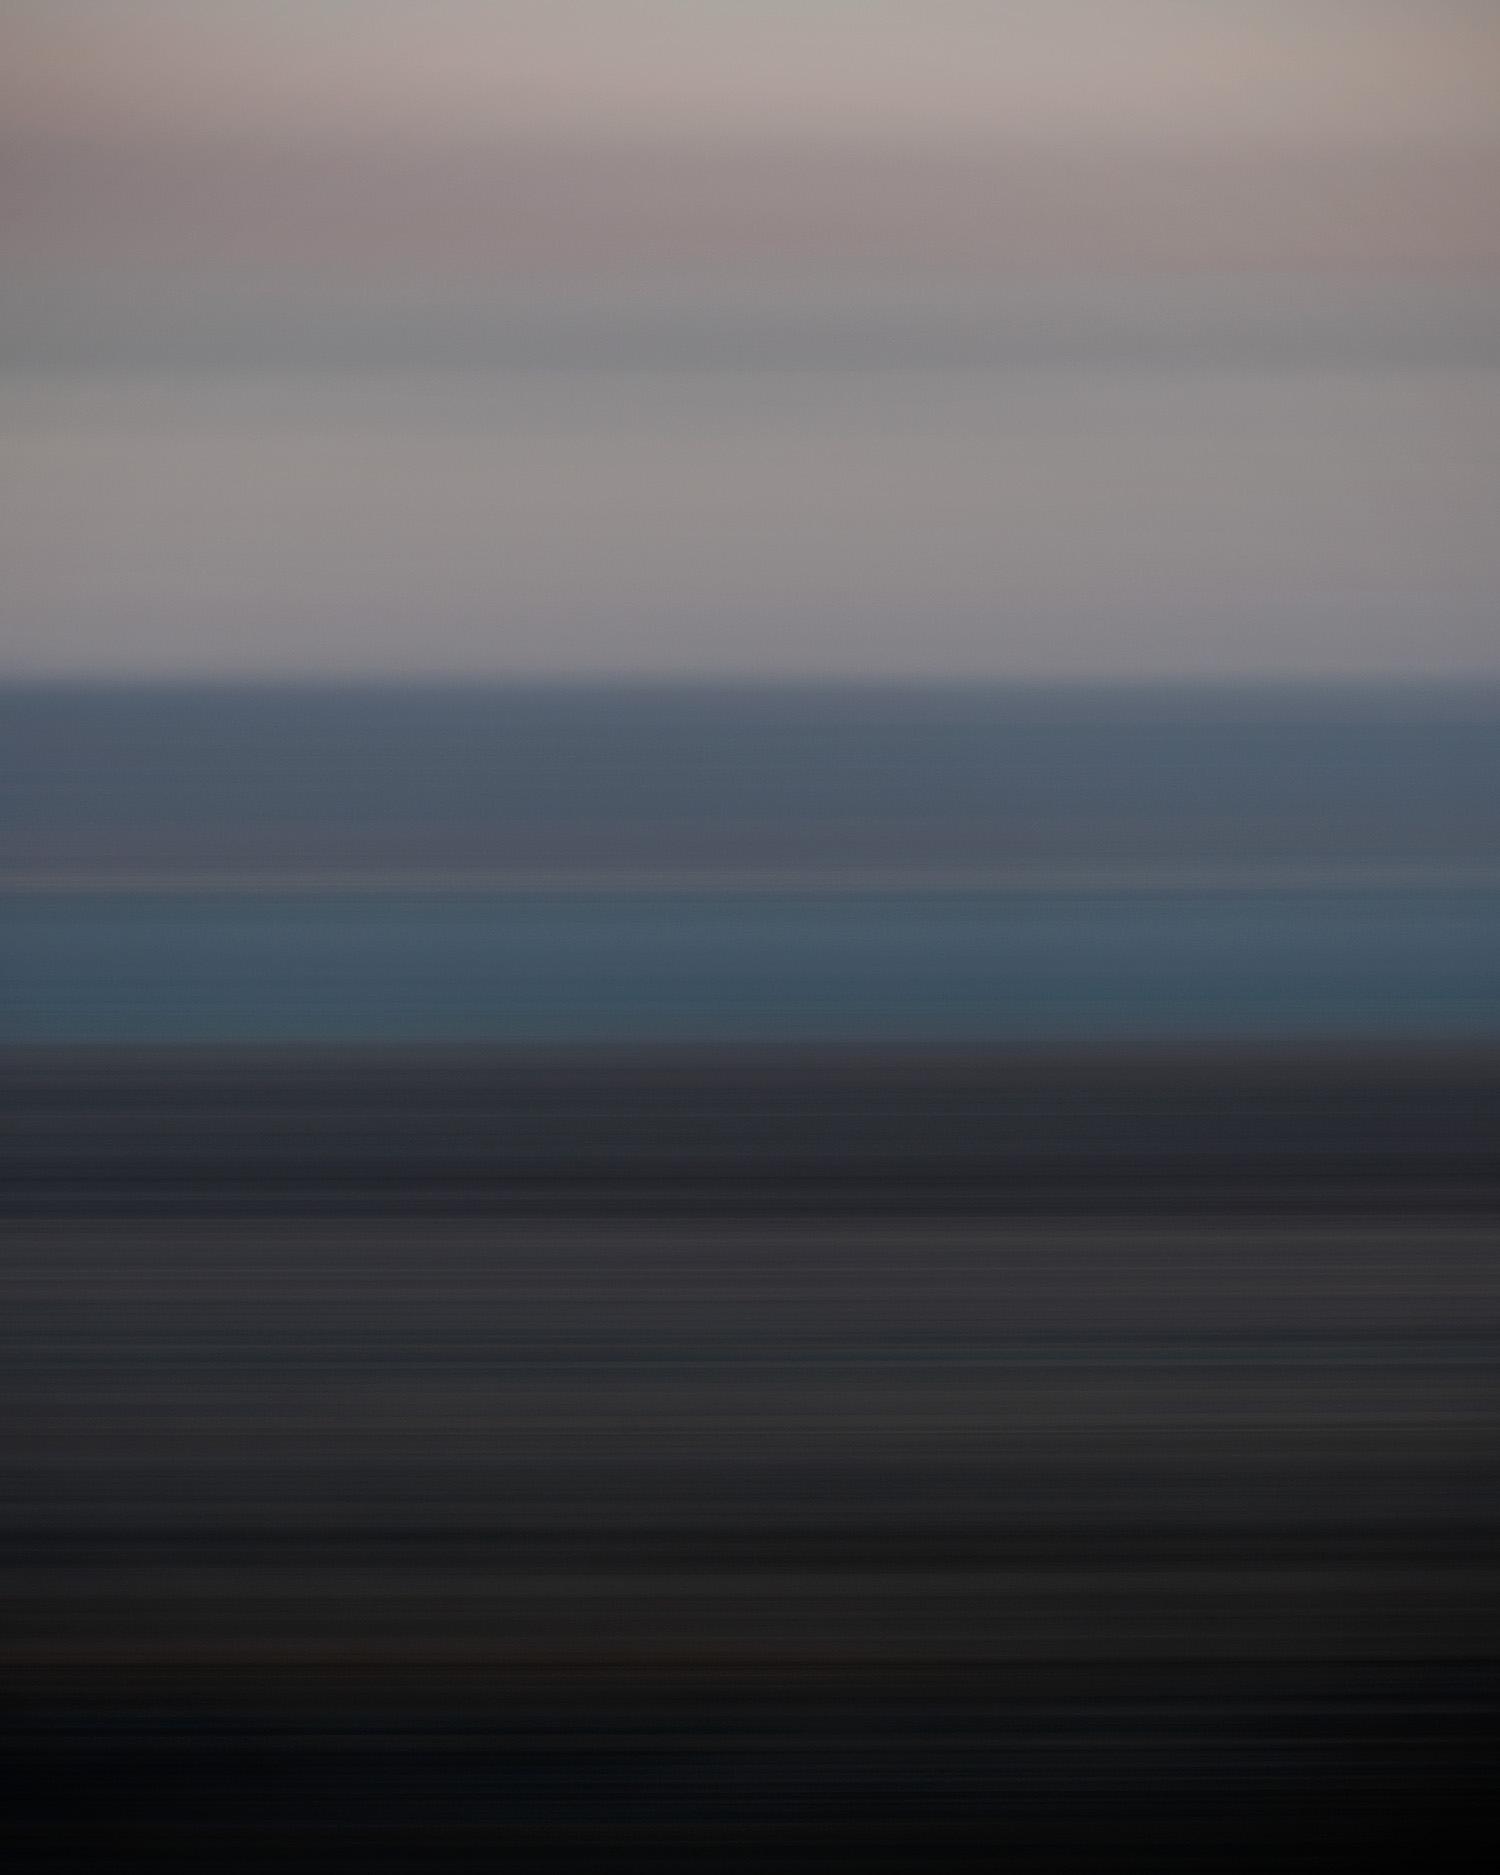 horizons-7375.jpg